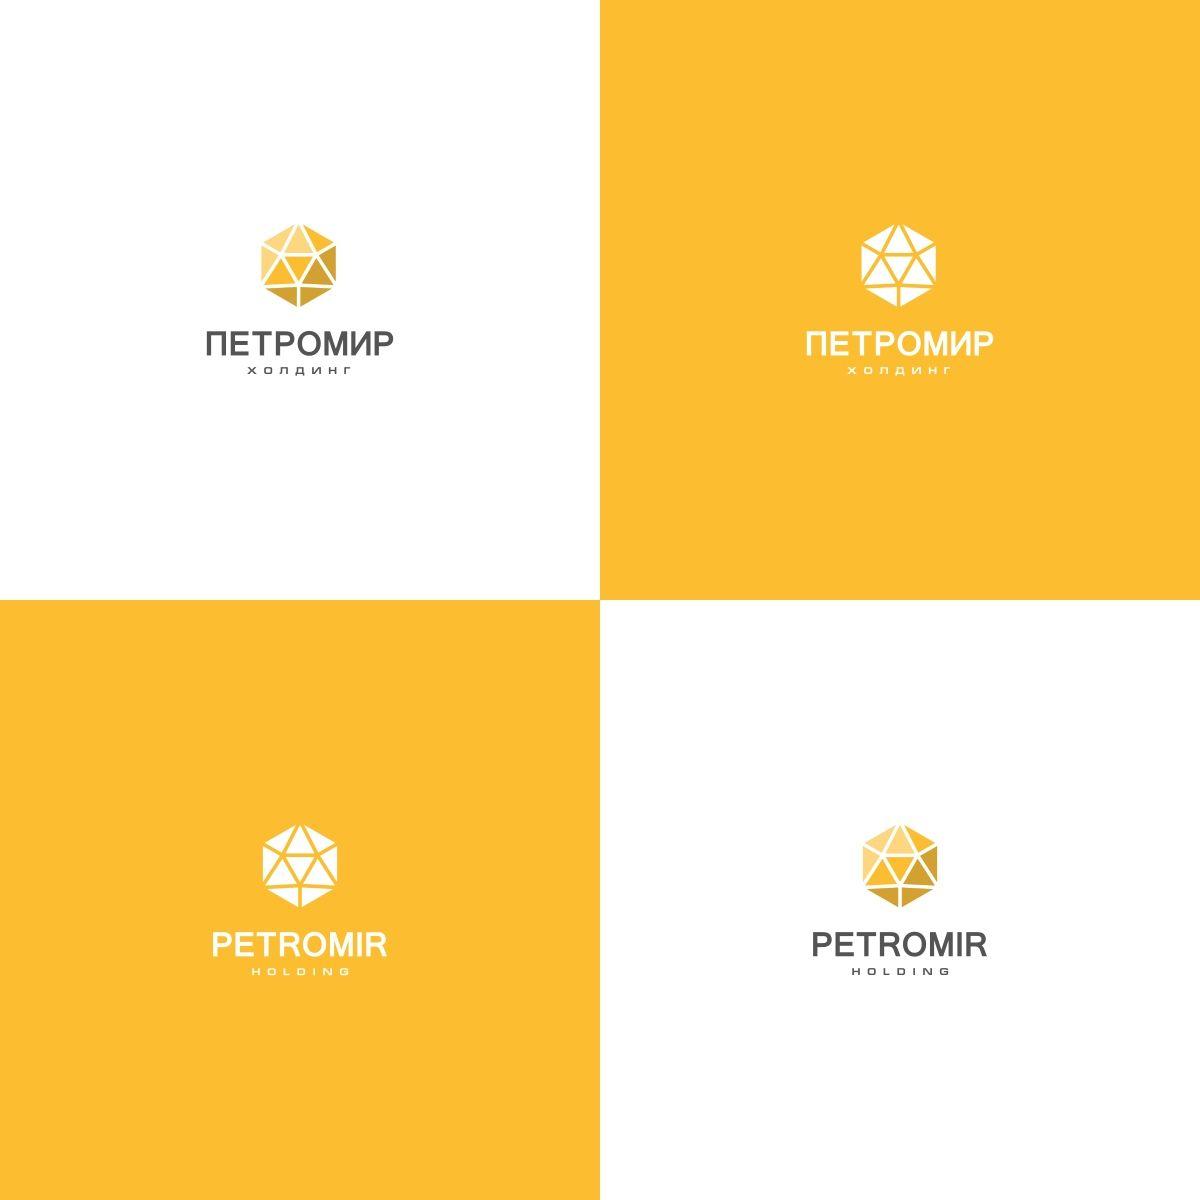 Доработать готовые лого и сделать фир. стиль - дизайнер 4shark